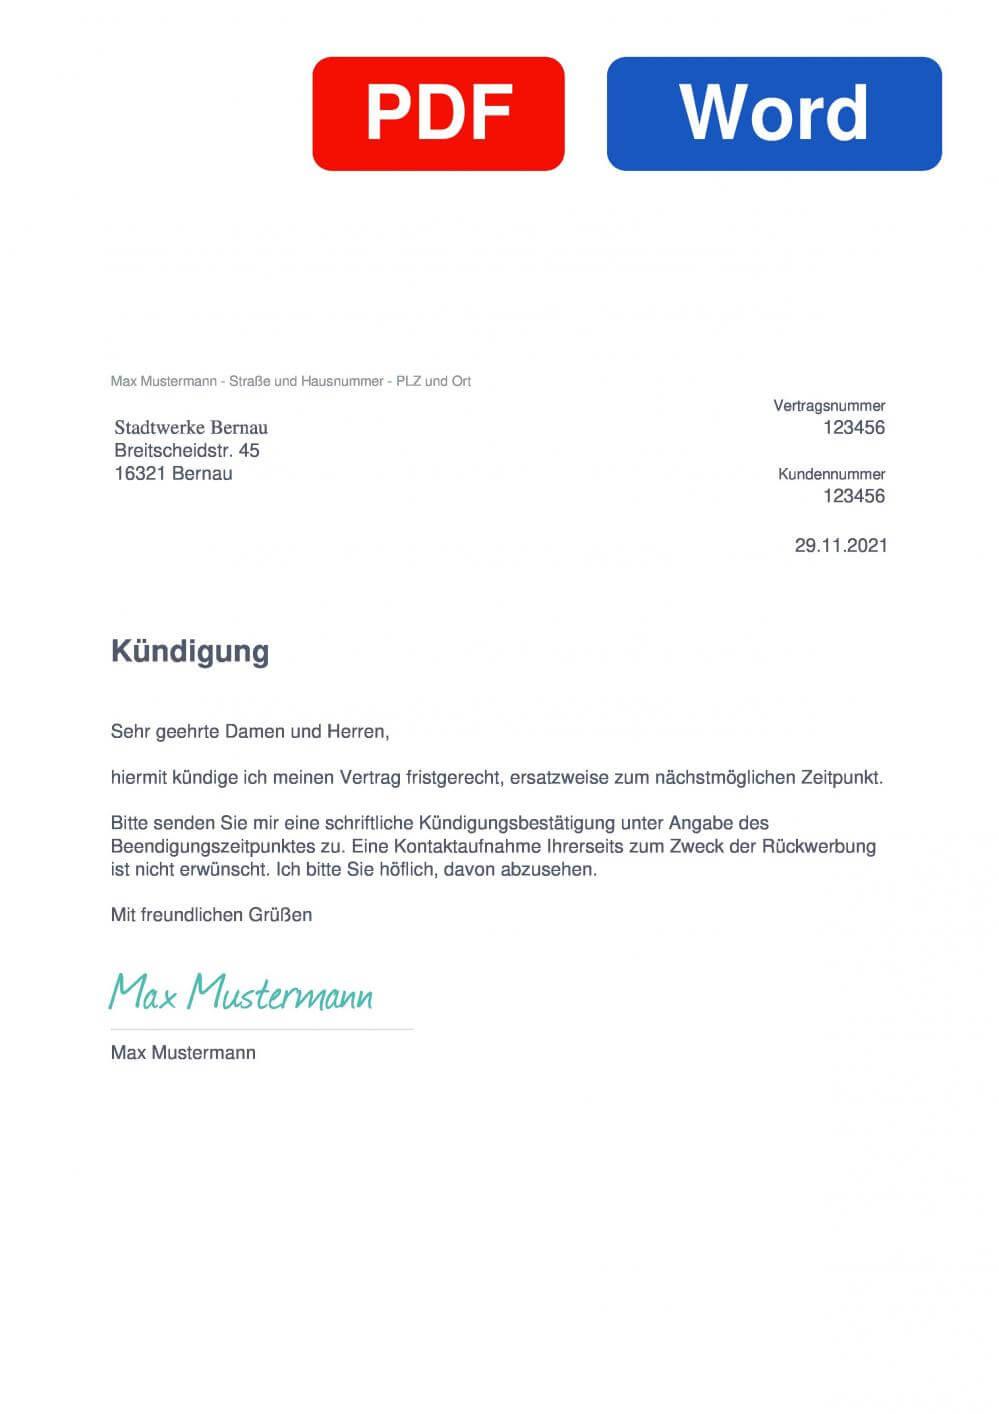 Stadtwerke Bernau Muster Vorlage für Kündigungsschreiben